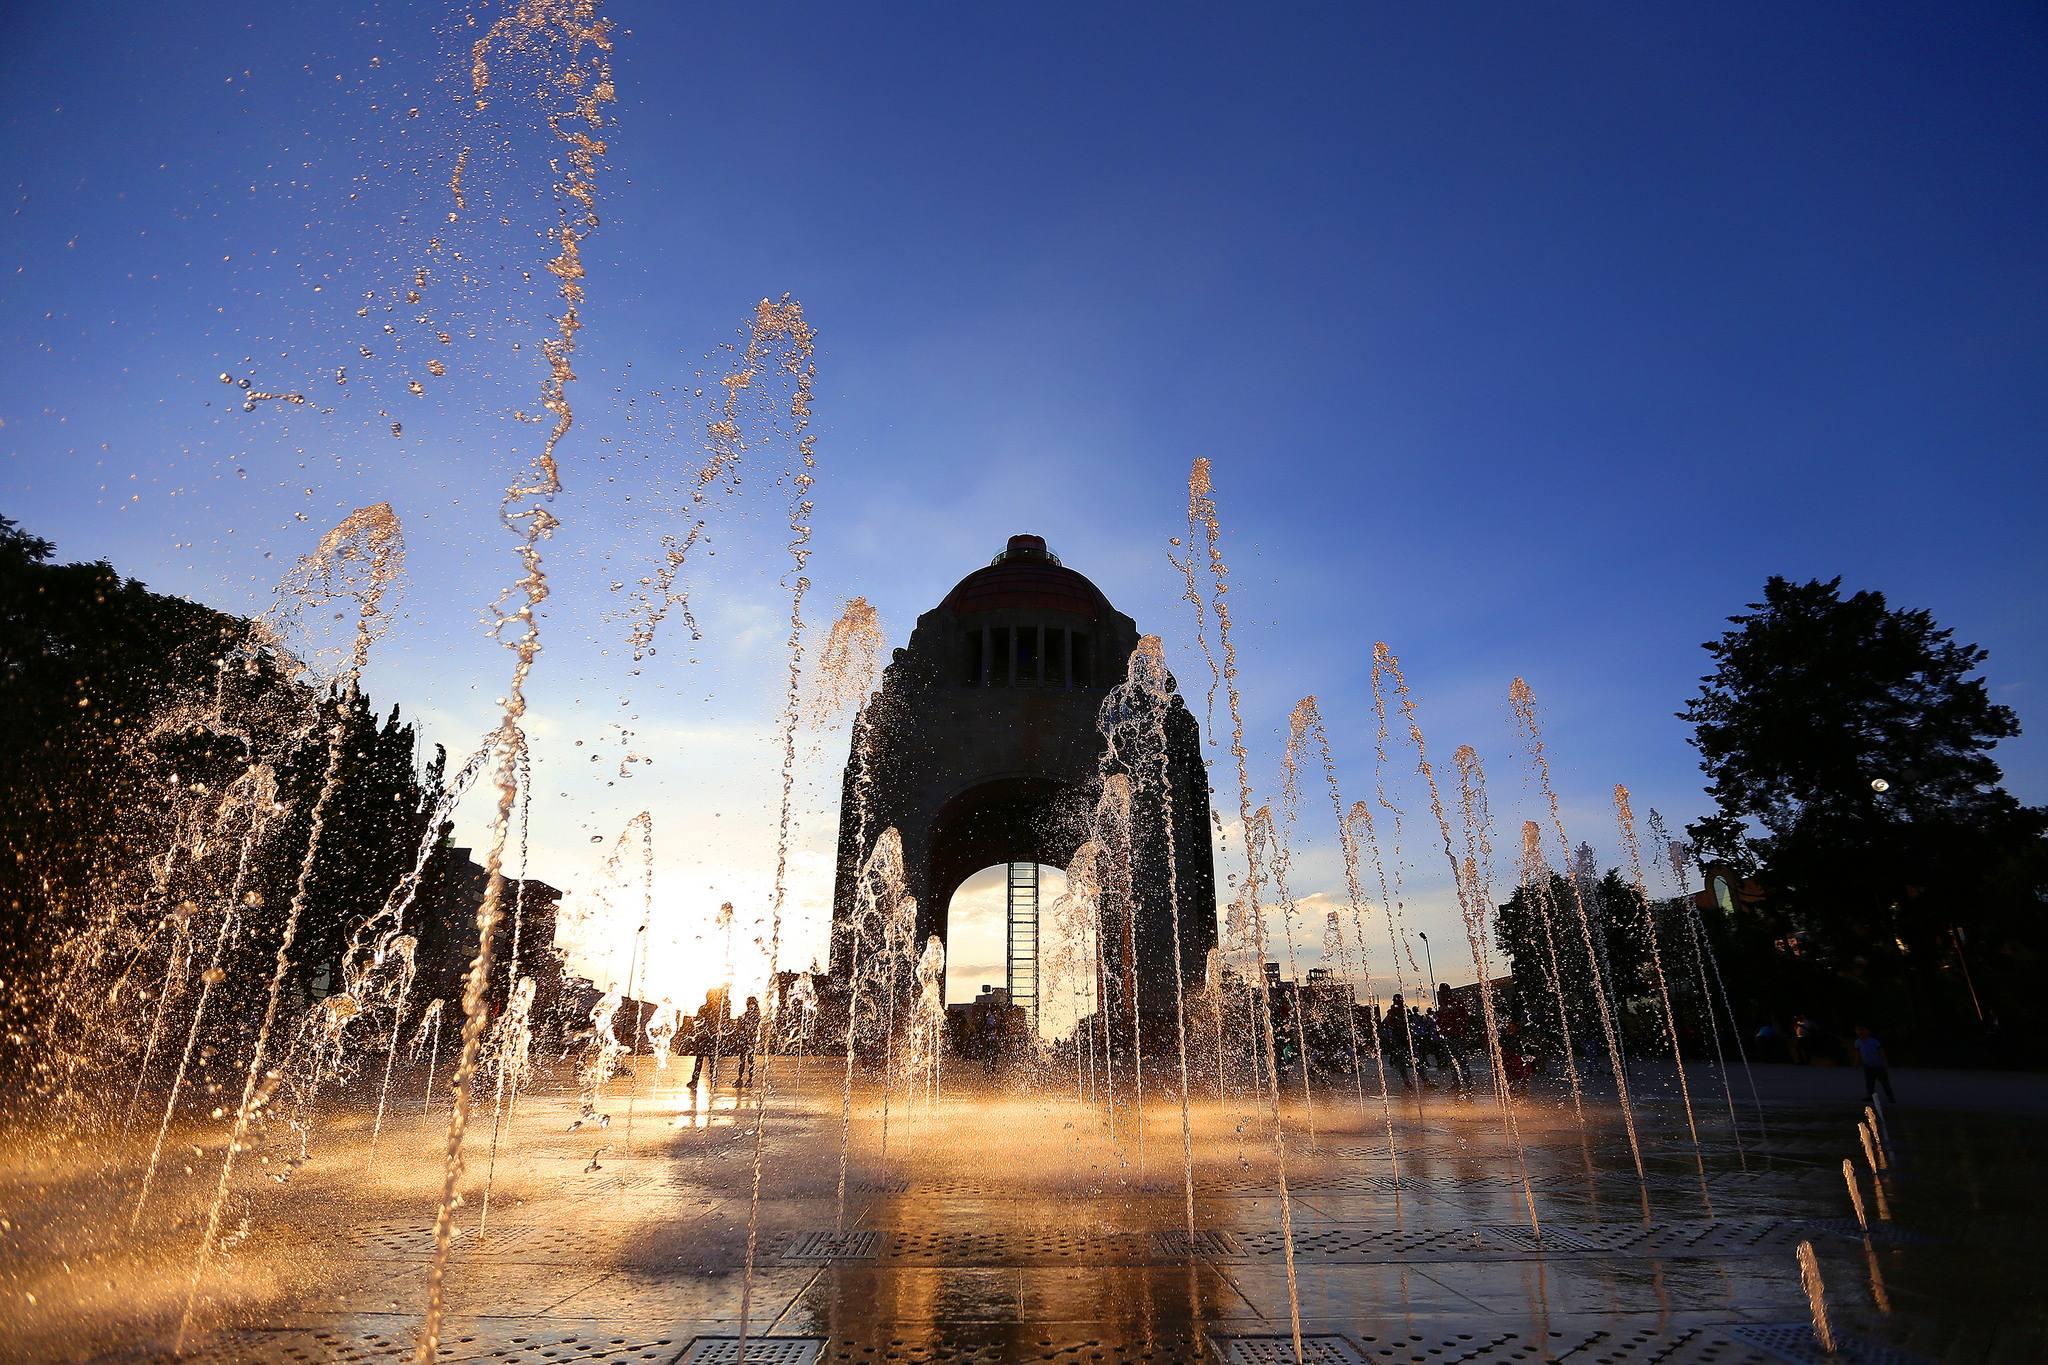 monumento revolución 1.jpg